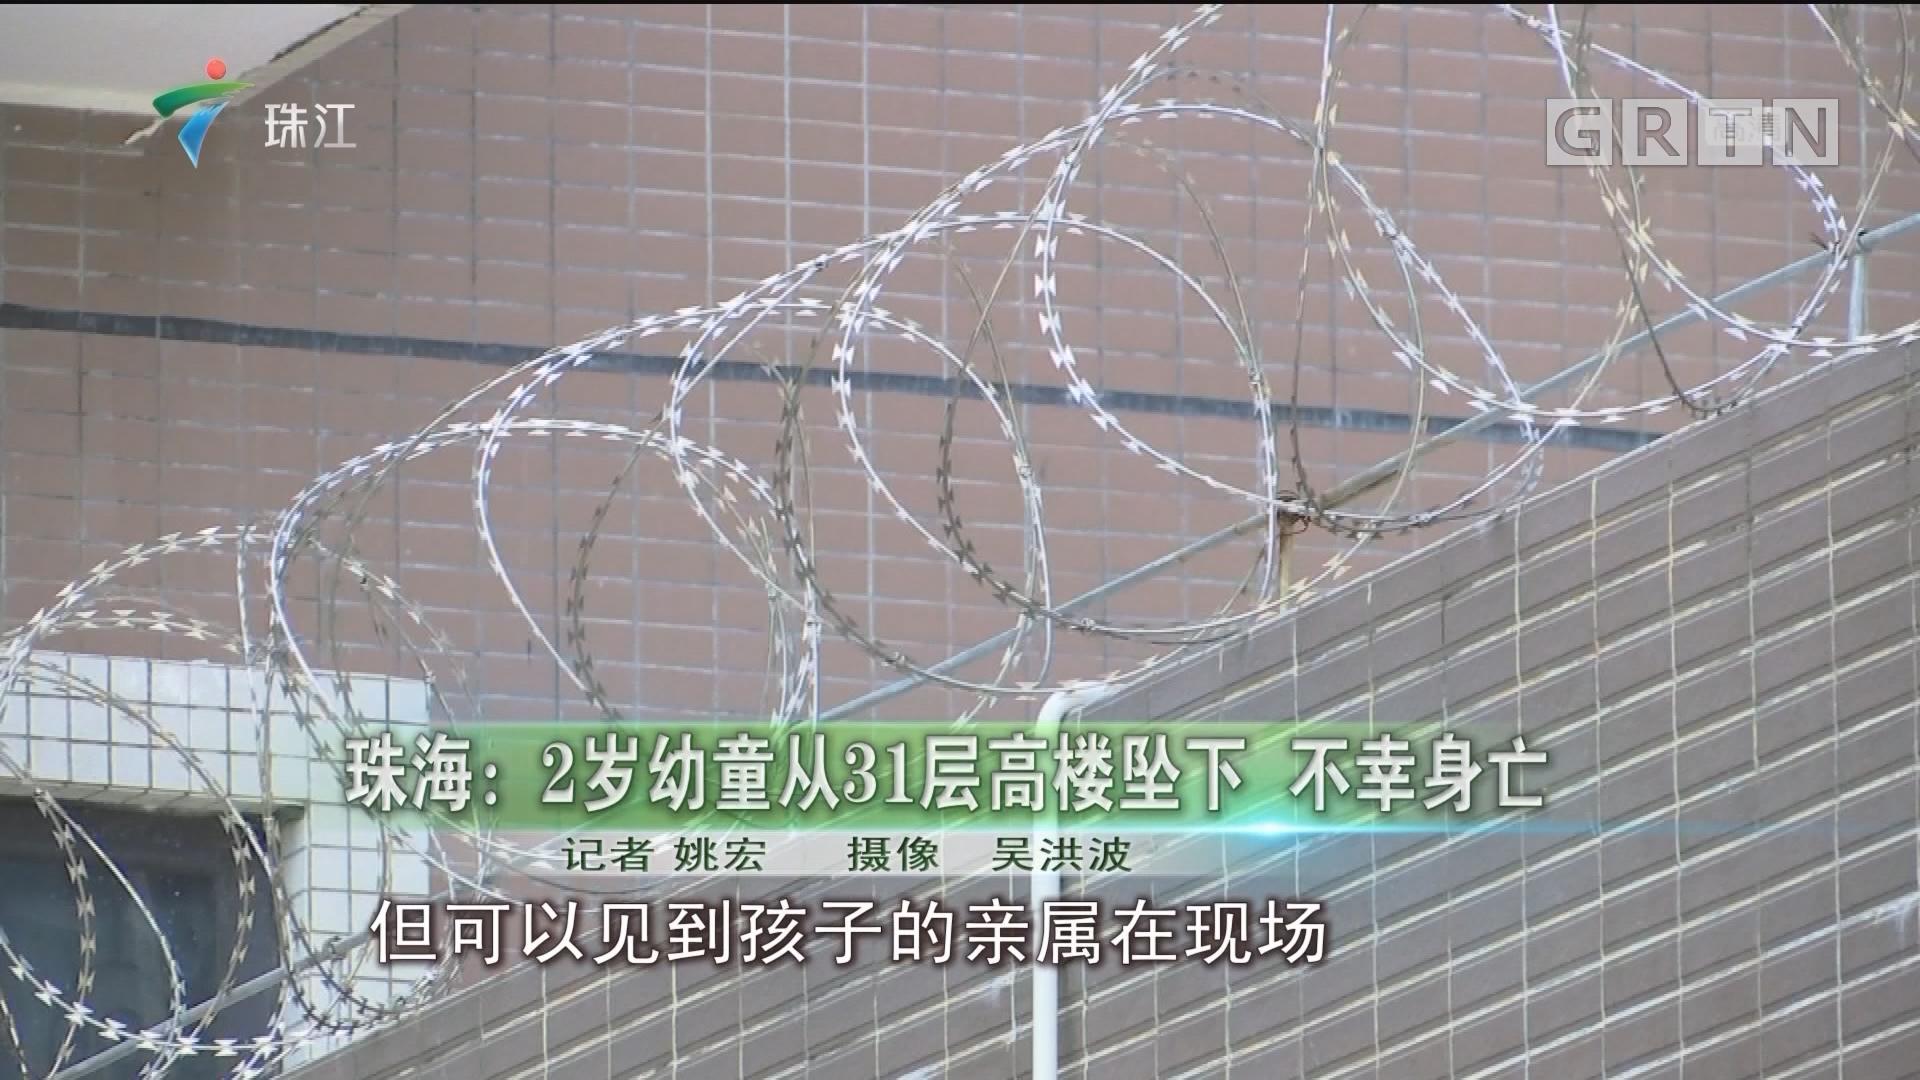 珠海:2岁幼童从31层高楼坠下 不幸身亡